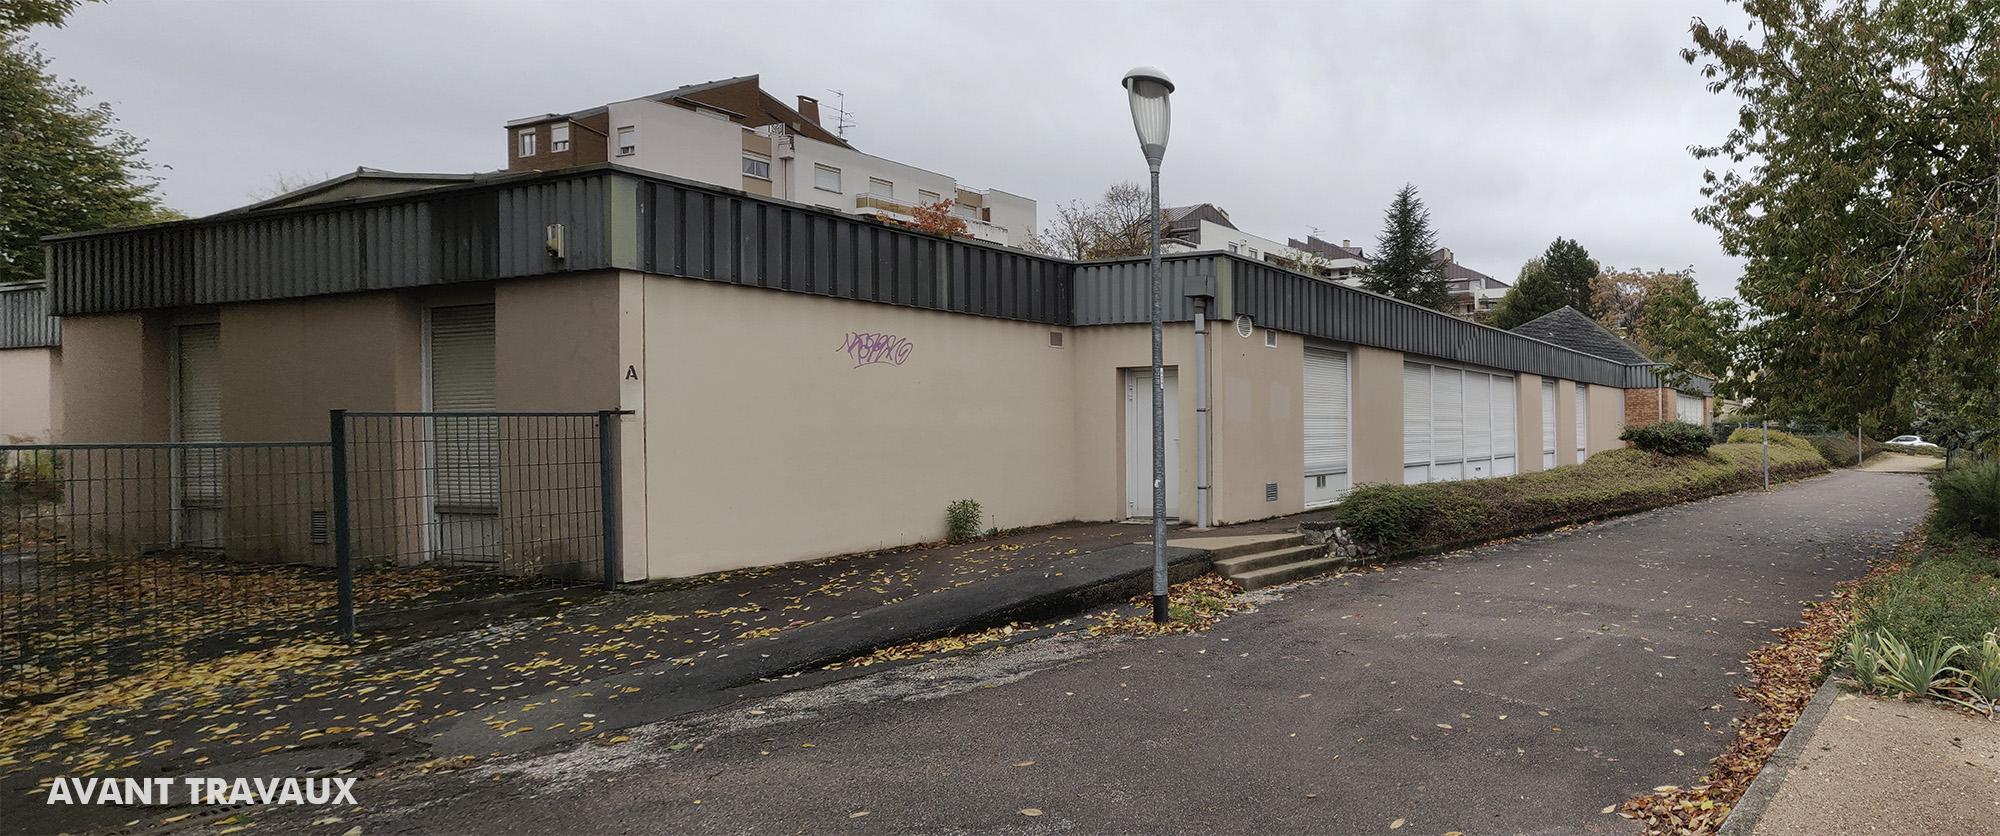 Chouette-architecture-MJC-RAM-salle-polyvalente-Ville-de-Dijon-2000-0